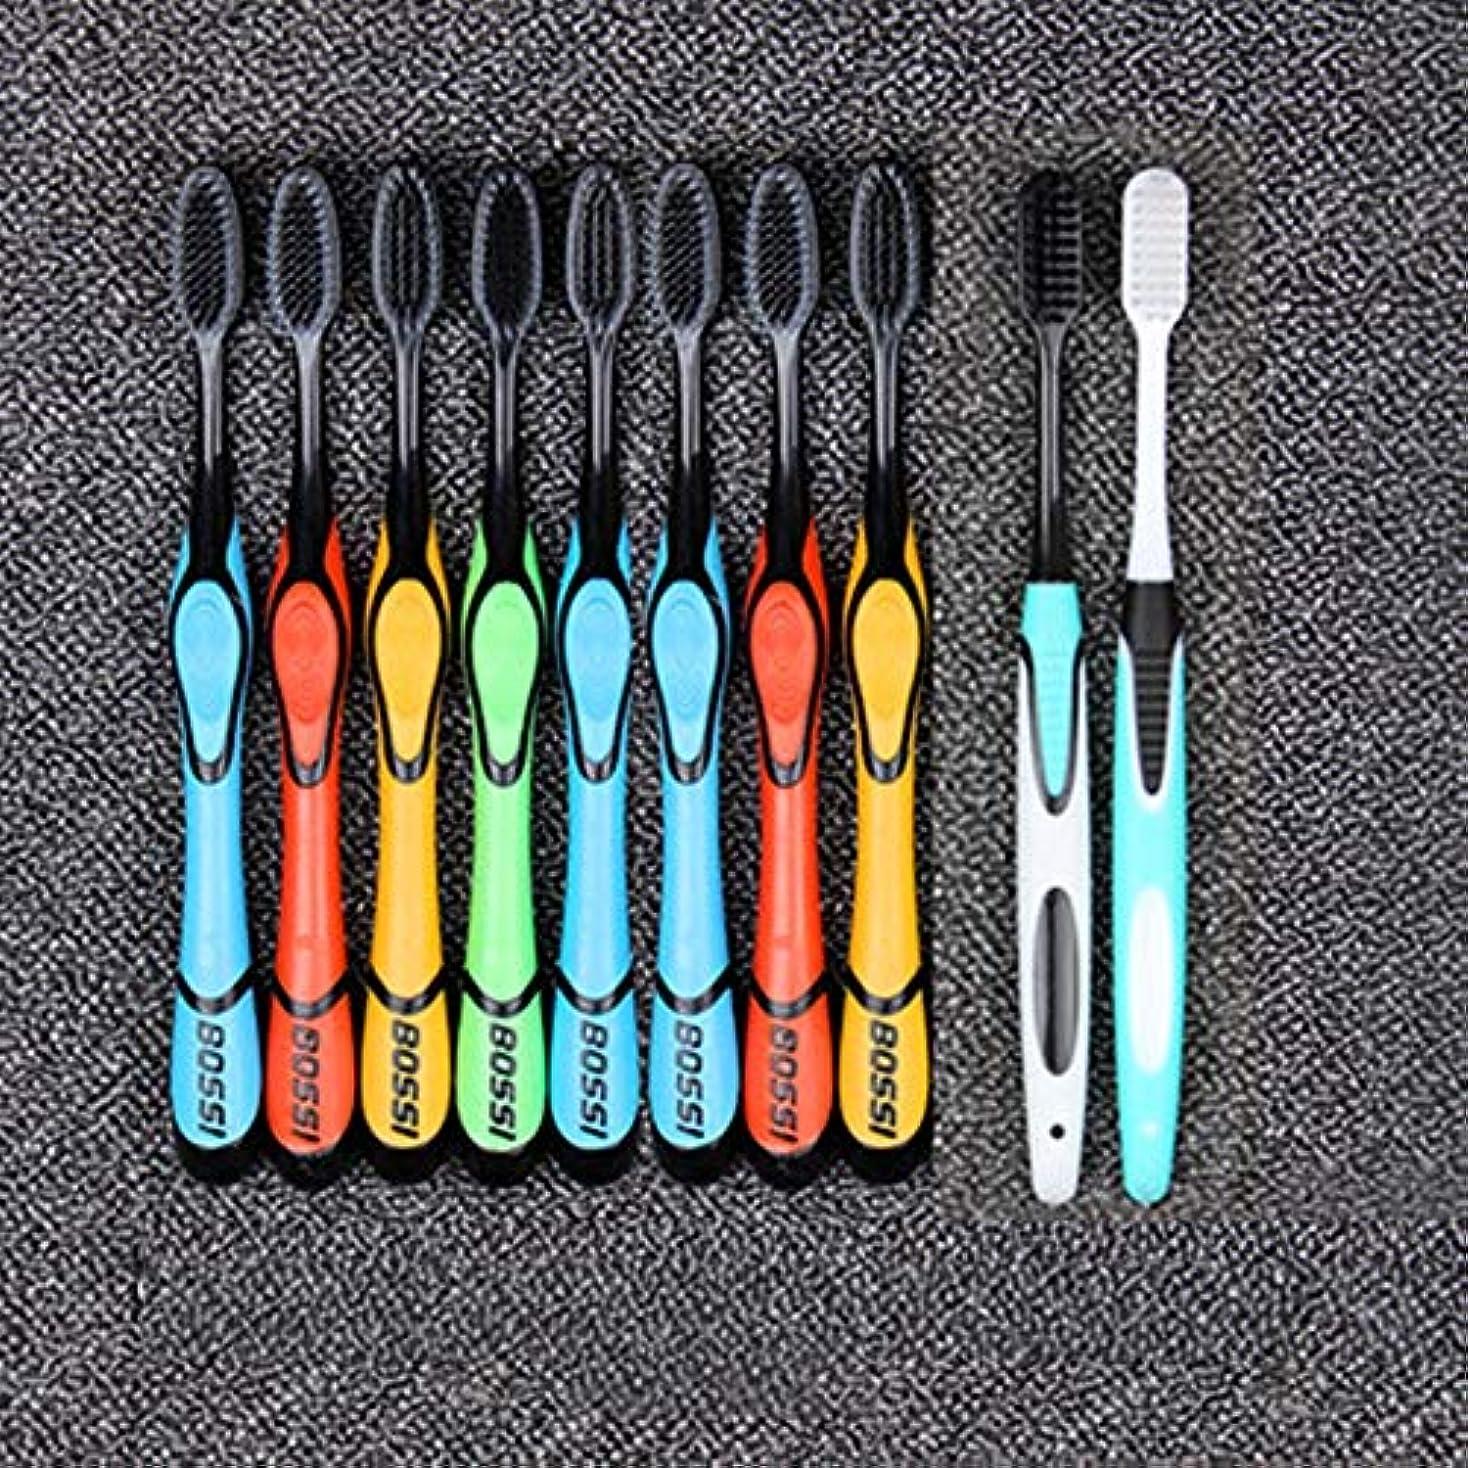 悪性黒ご注意歯ブラシ 10ミックス大人歯ブラシ、子供オーラルケア歯ブラシ、コンパクト柔らかい歯ブラシ - 使用可能なスタイルの3種類 HL (色 : B, サイズ : 8+2)